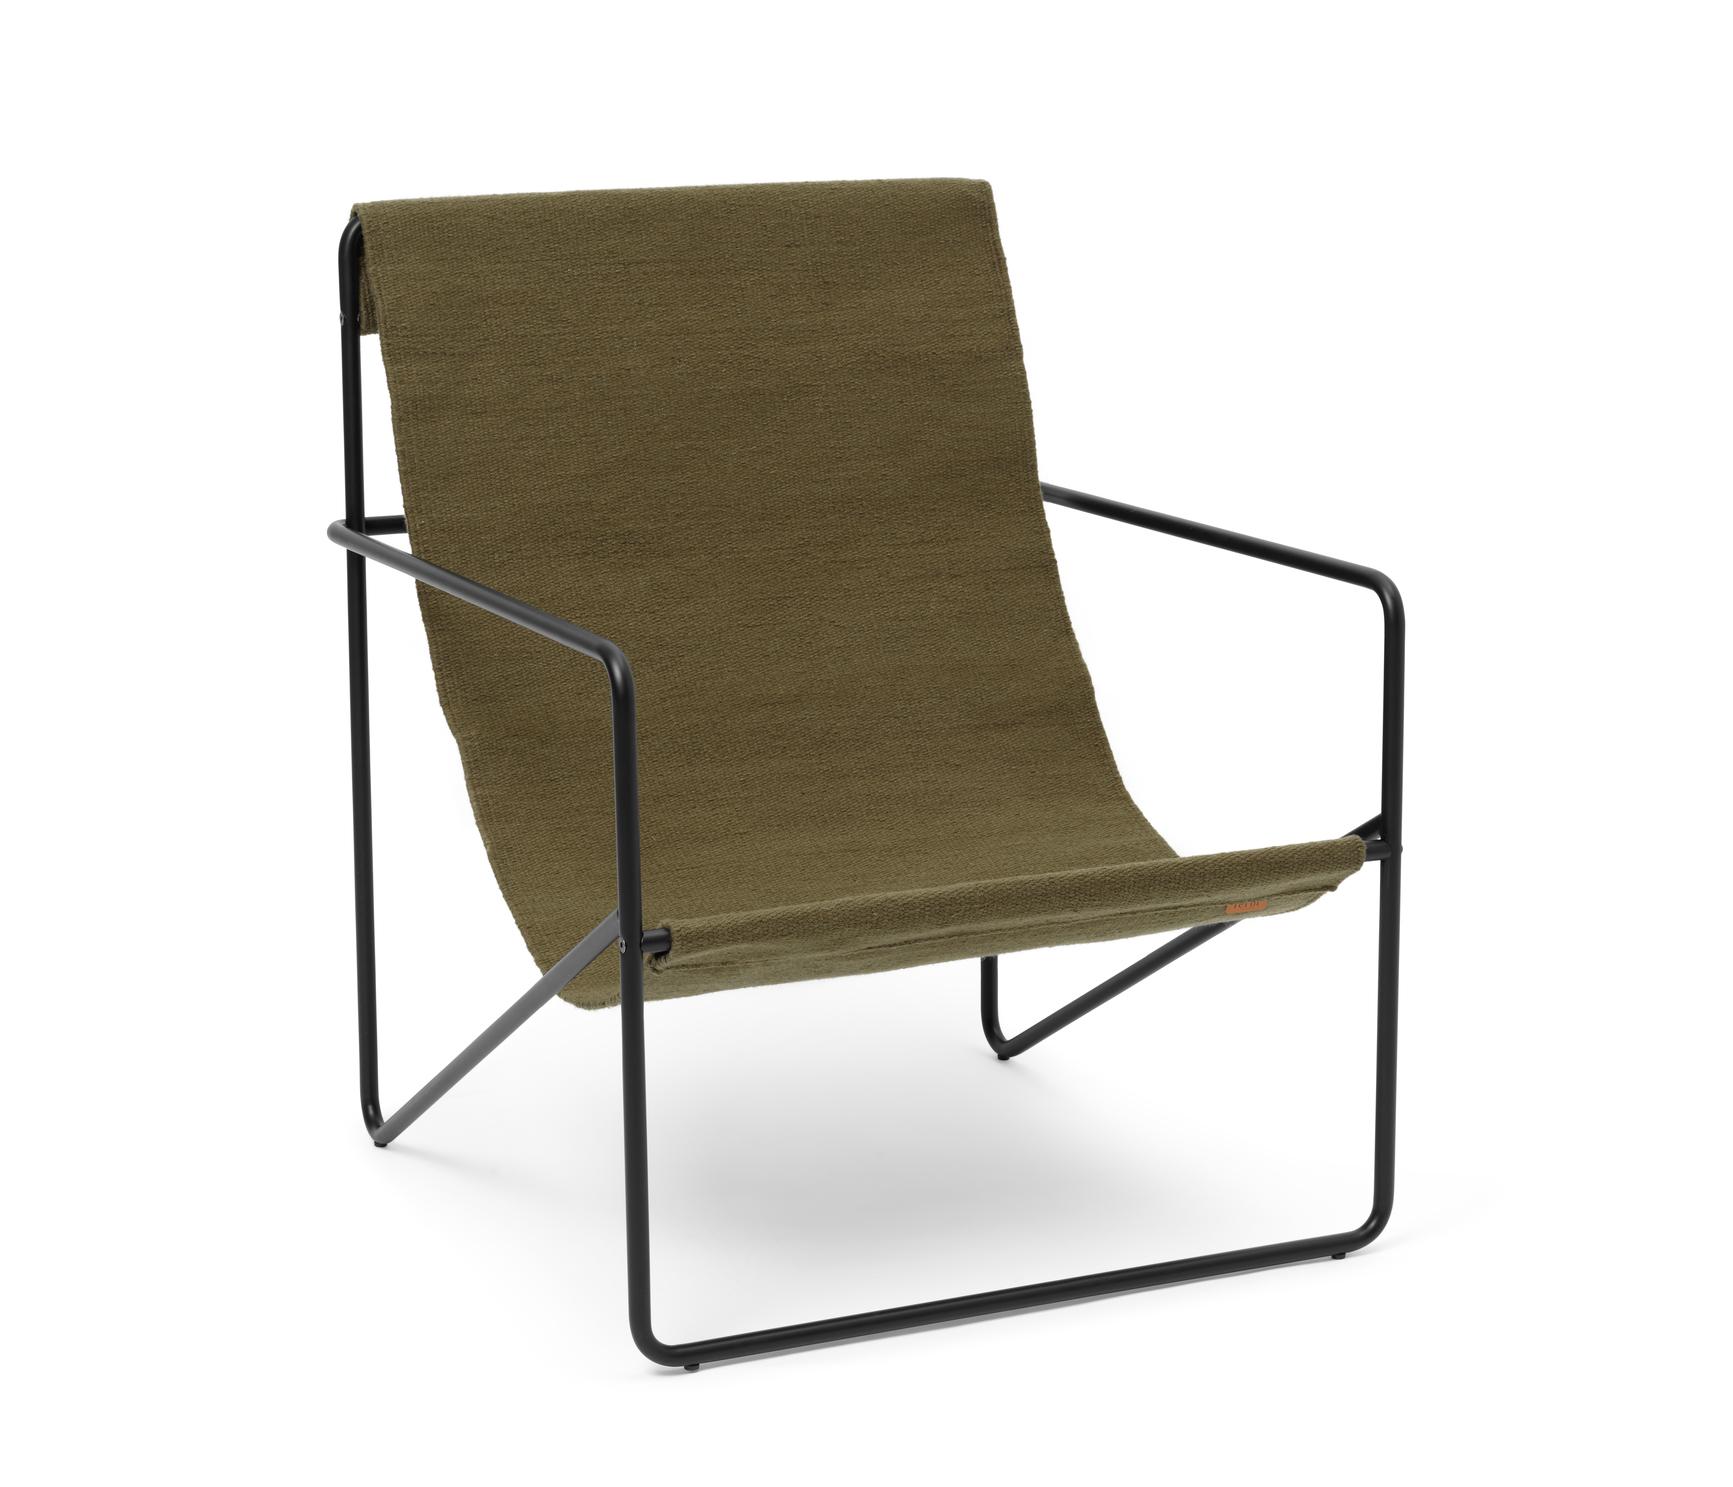 Desert Lounge Chair Black/Olive